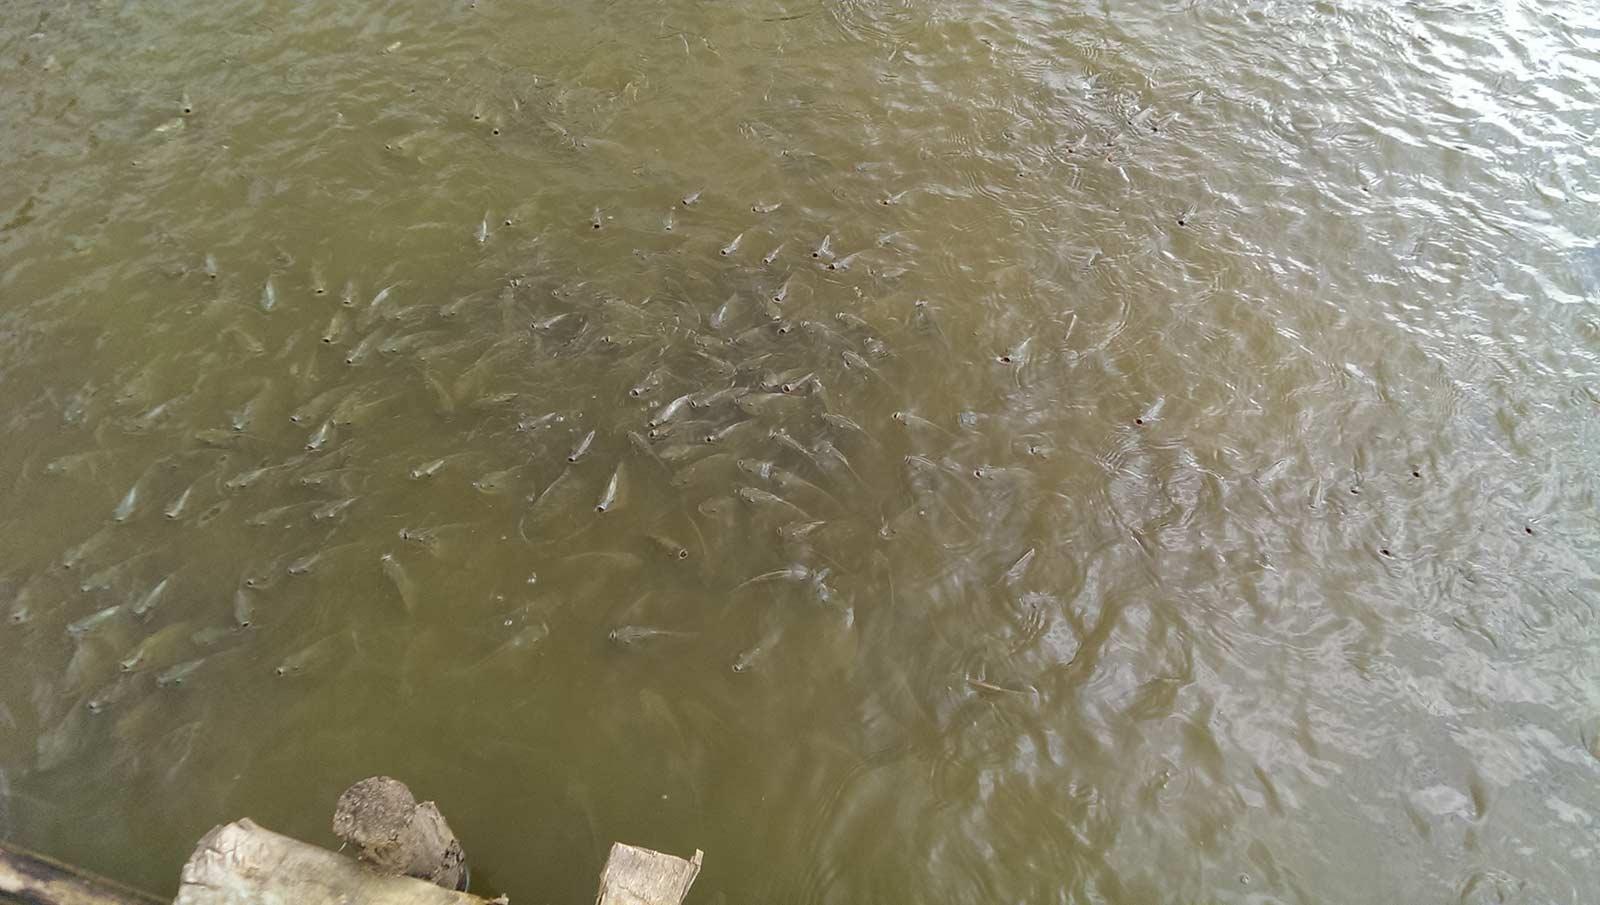 Nourissage de poisson